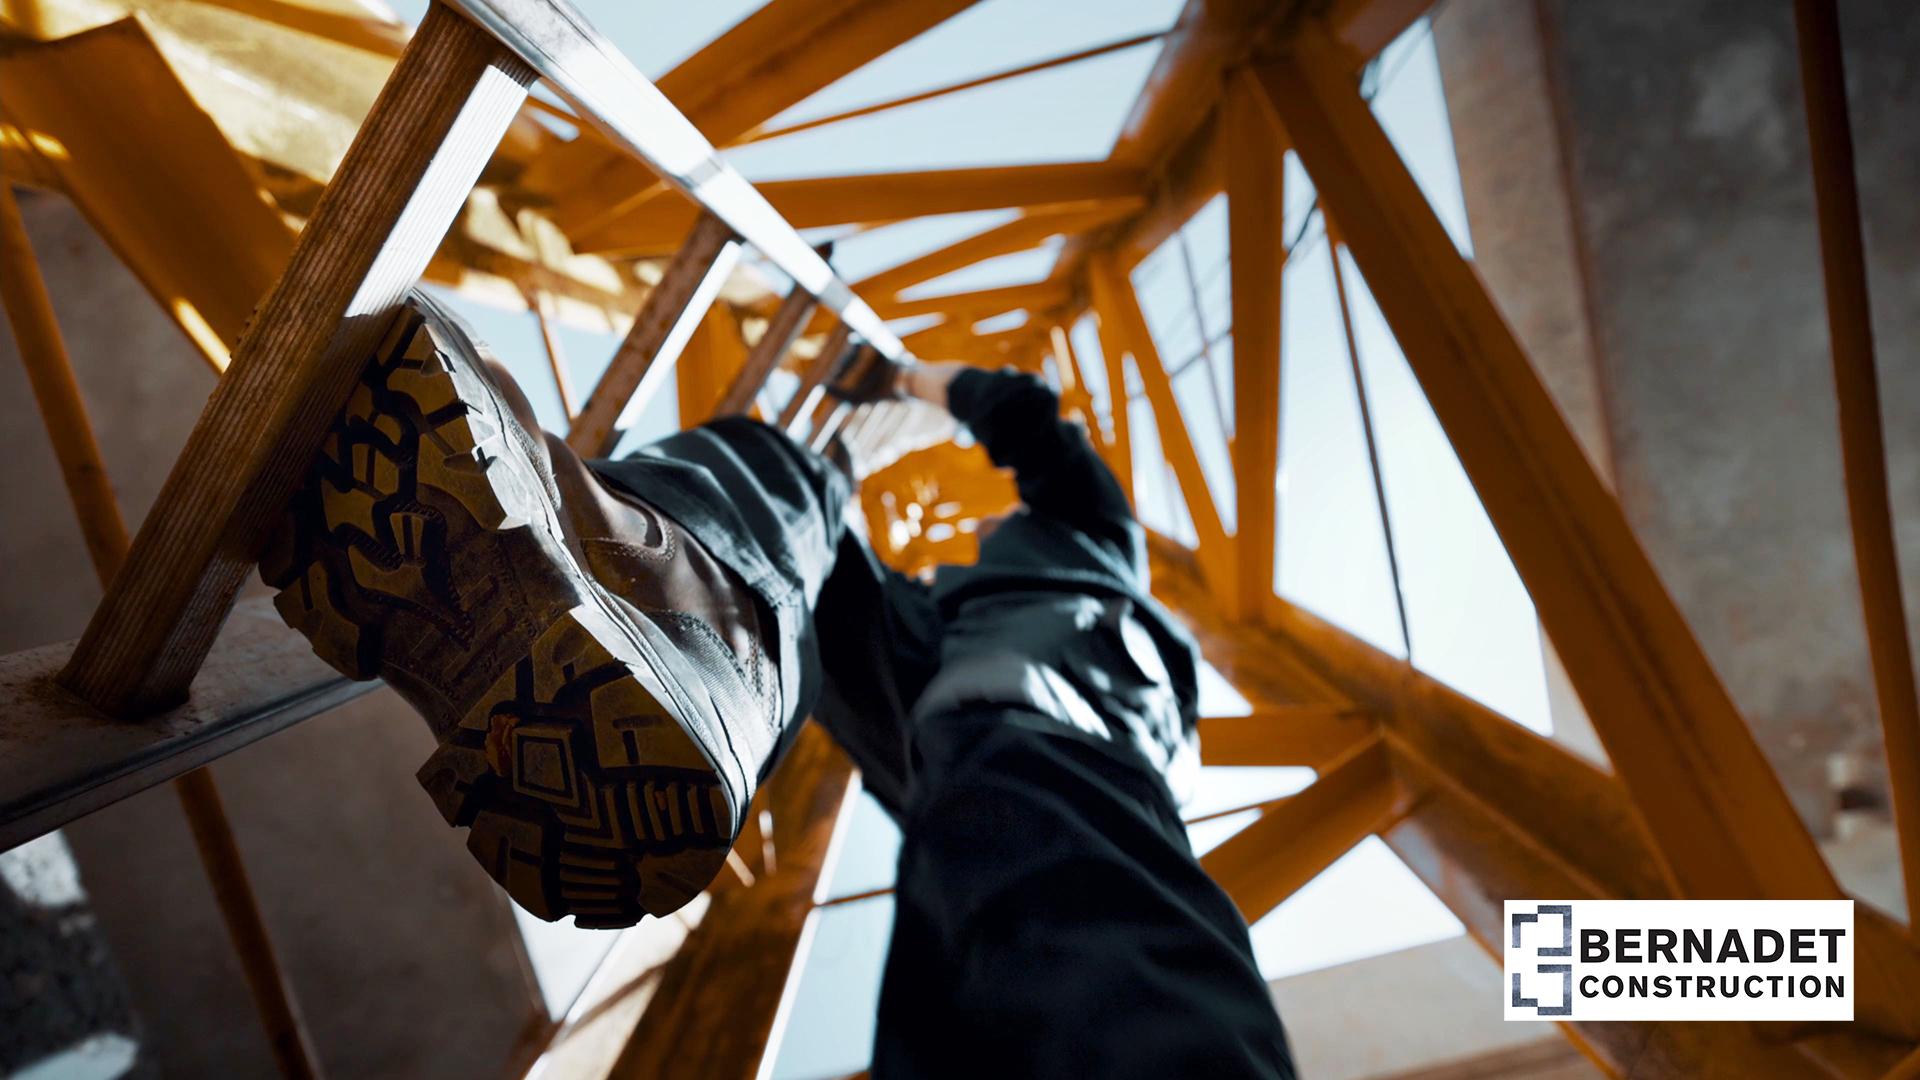 bernadet construction : La force des maitres bâtisseurs